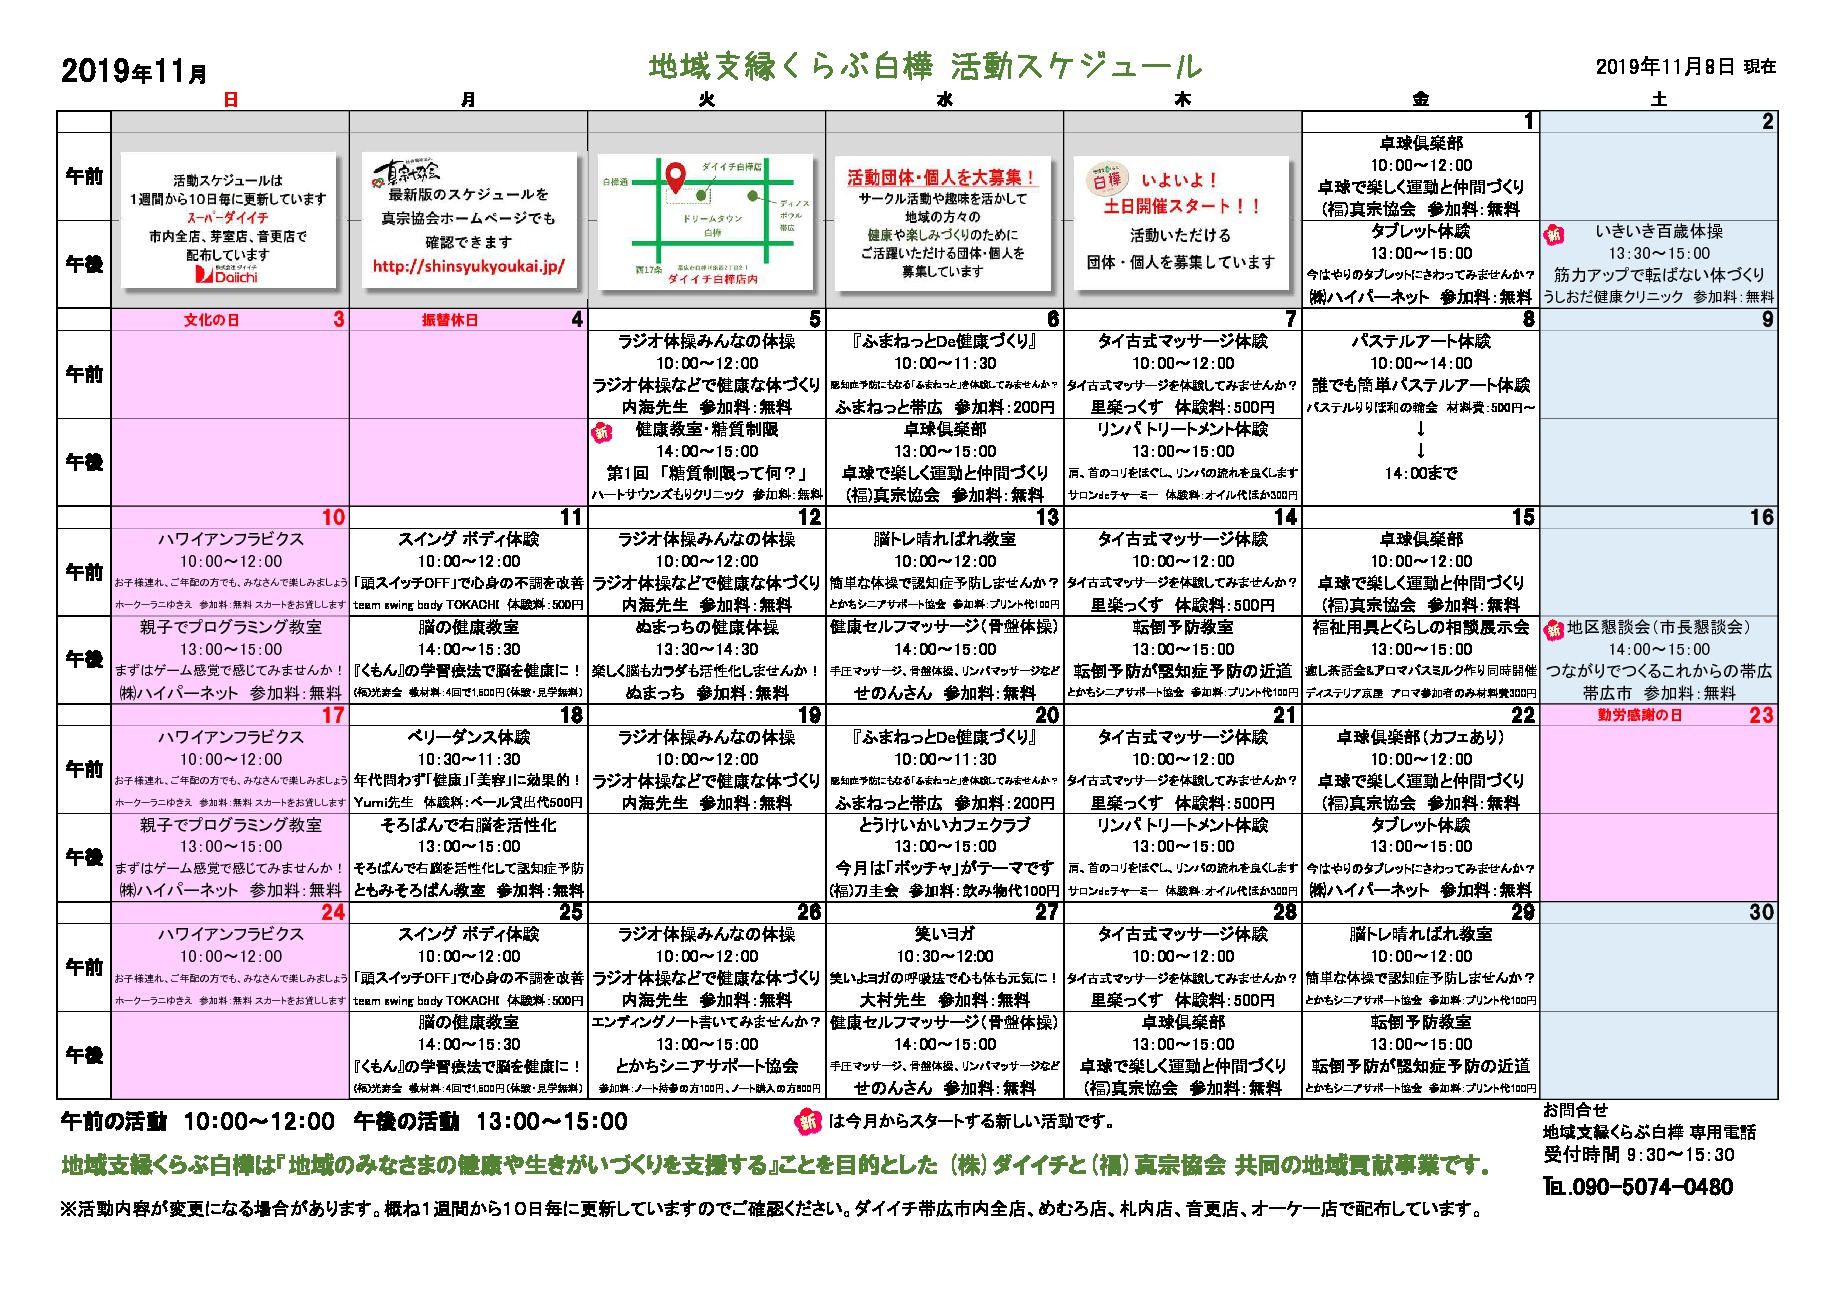 2019活動スケジュール11(2019.11.8付)のサムネイル